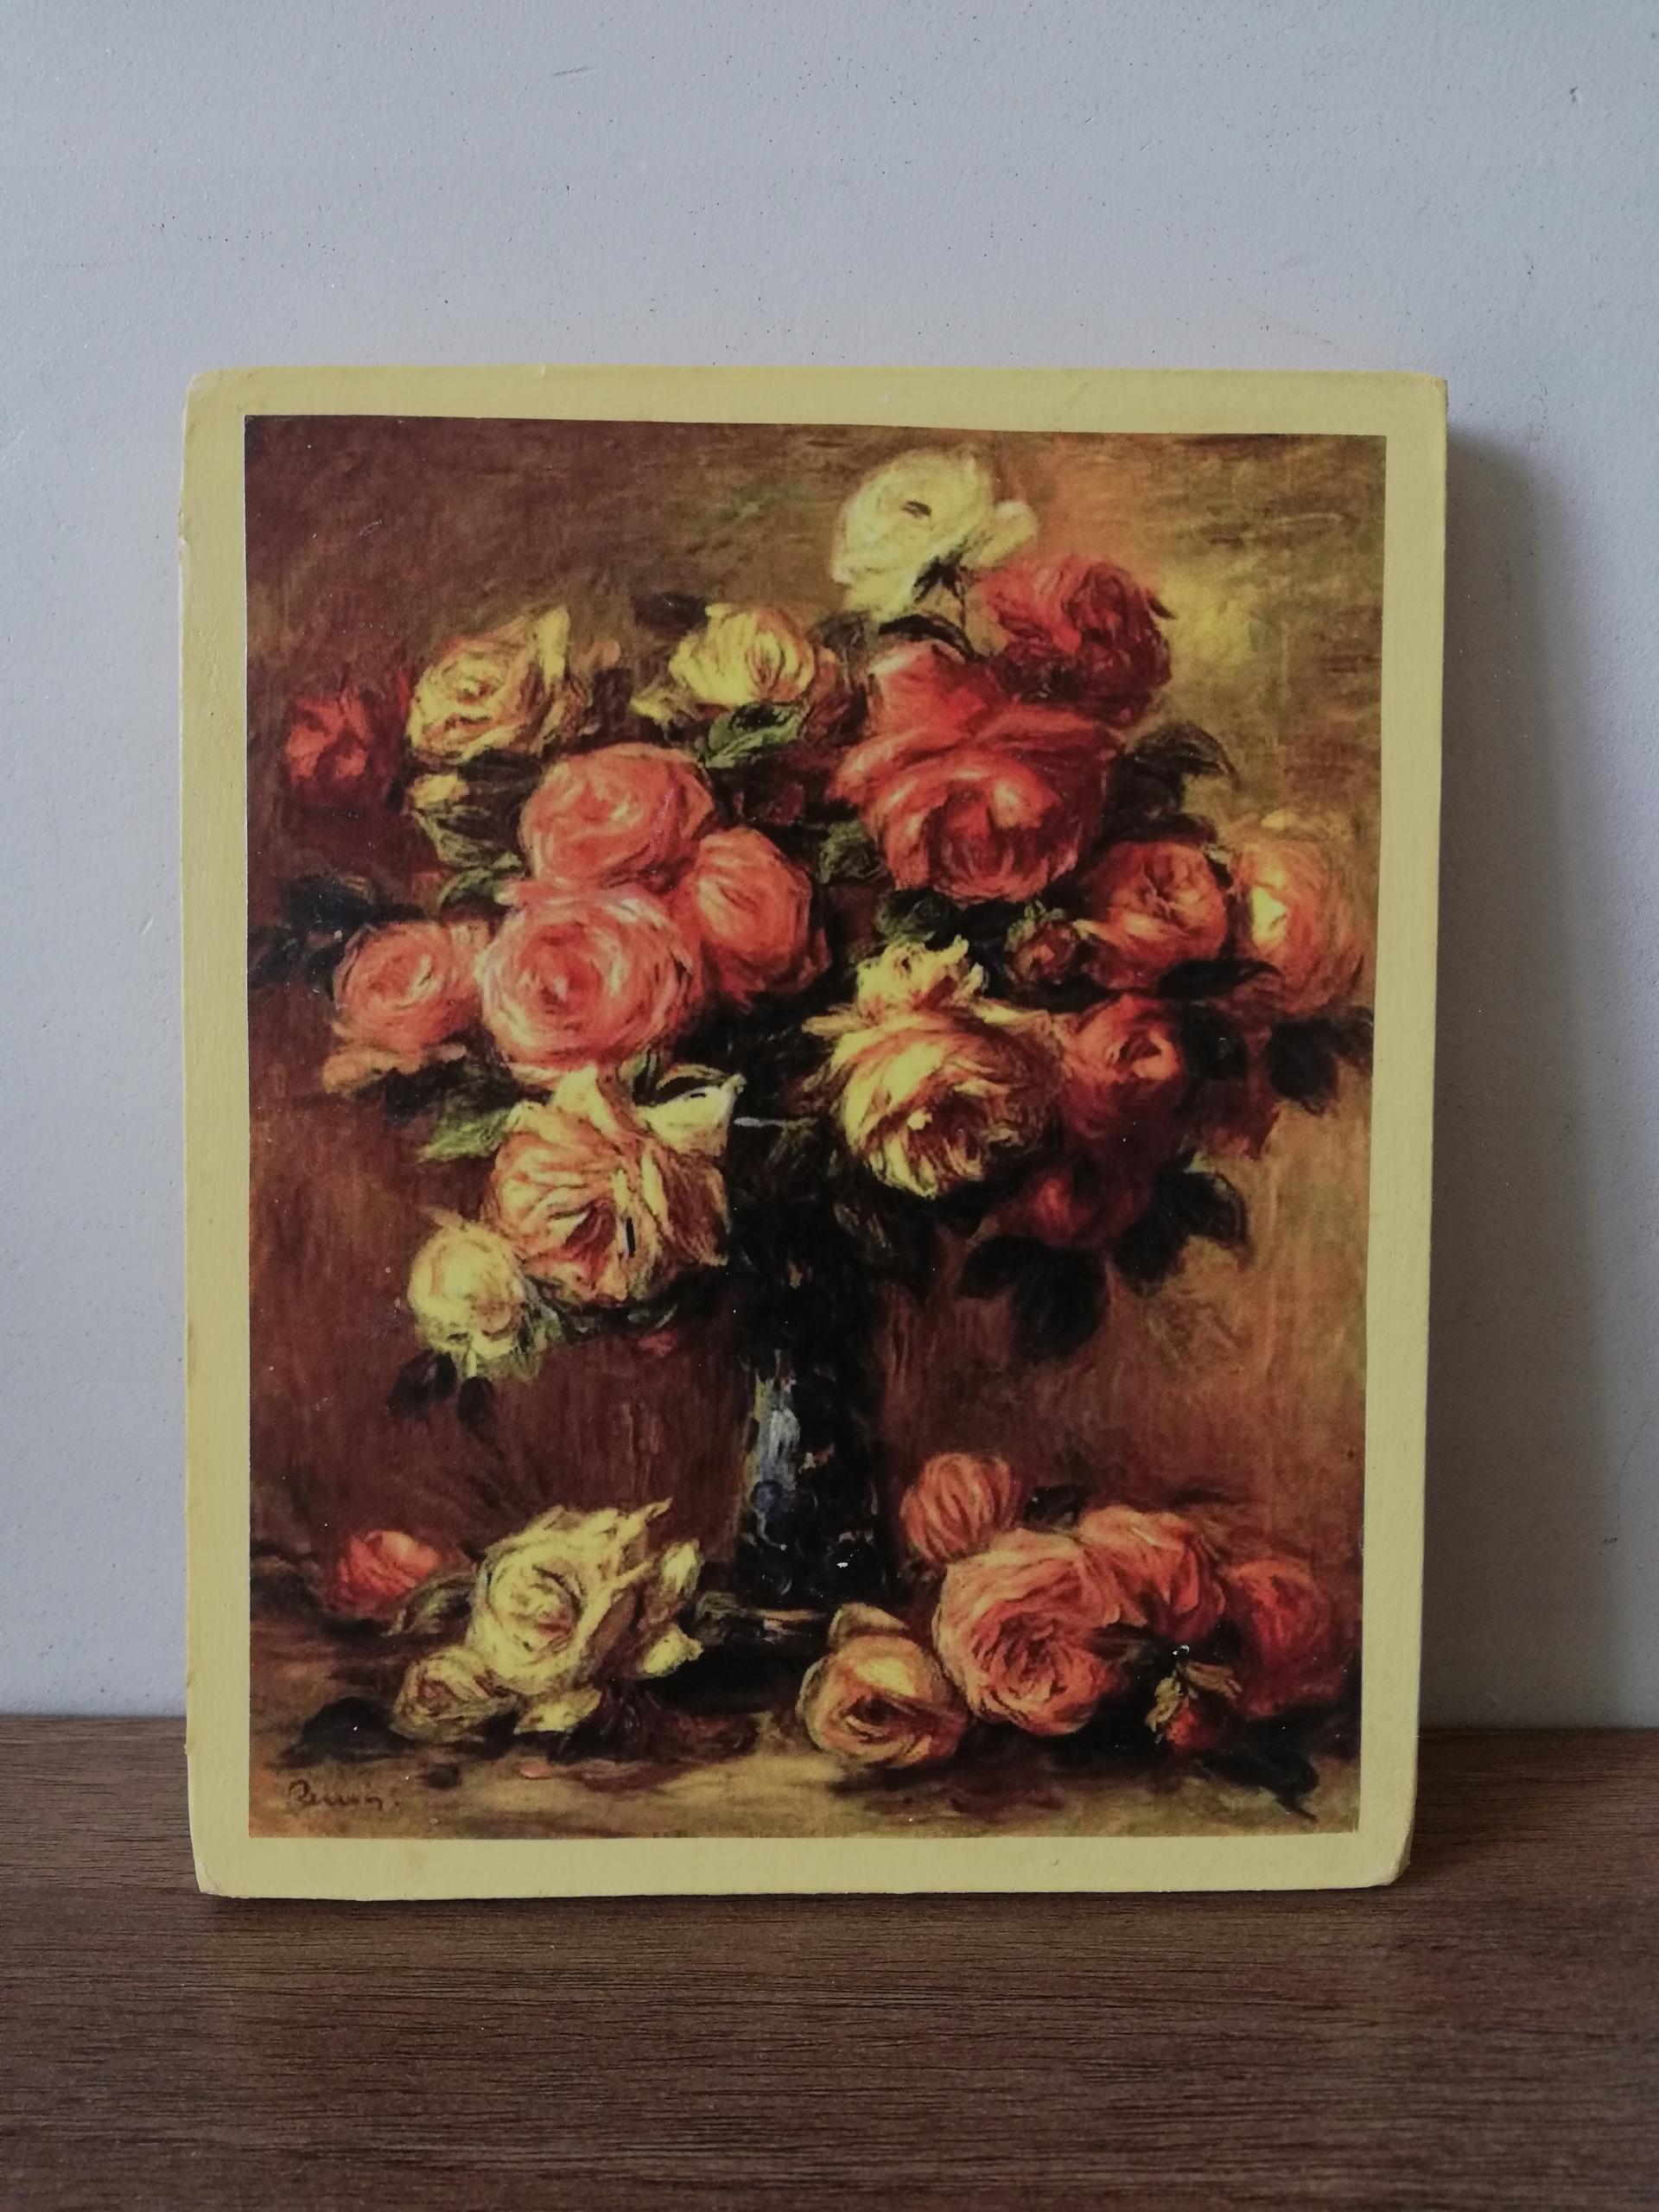 Obrazek Obraz Dekoracja Kwiaty Kwiatki Róże